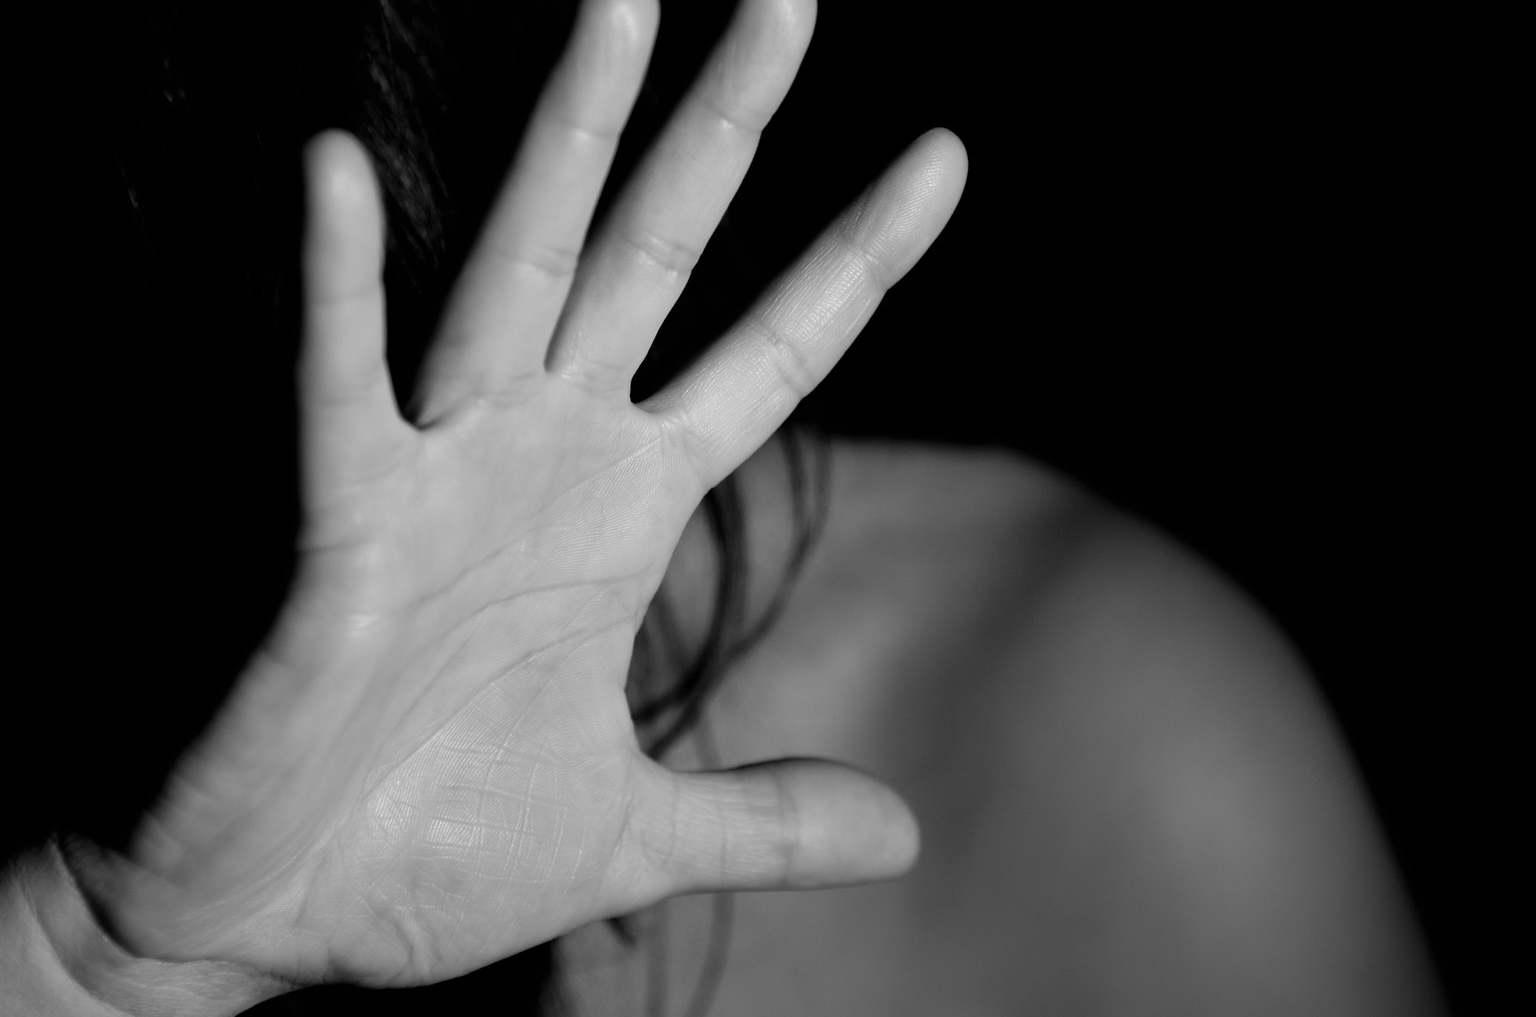 miért szeretik egyes nők az anális szexet? kövér punci pornó filmek